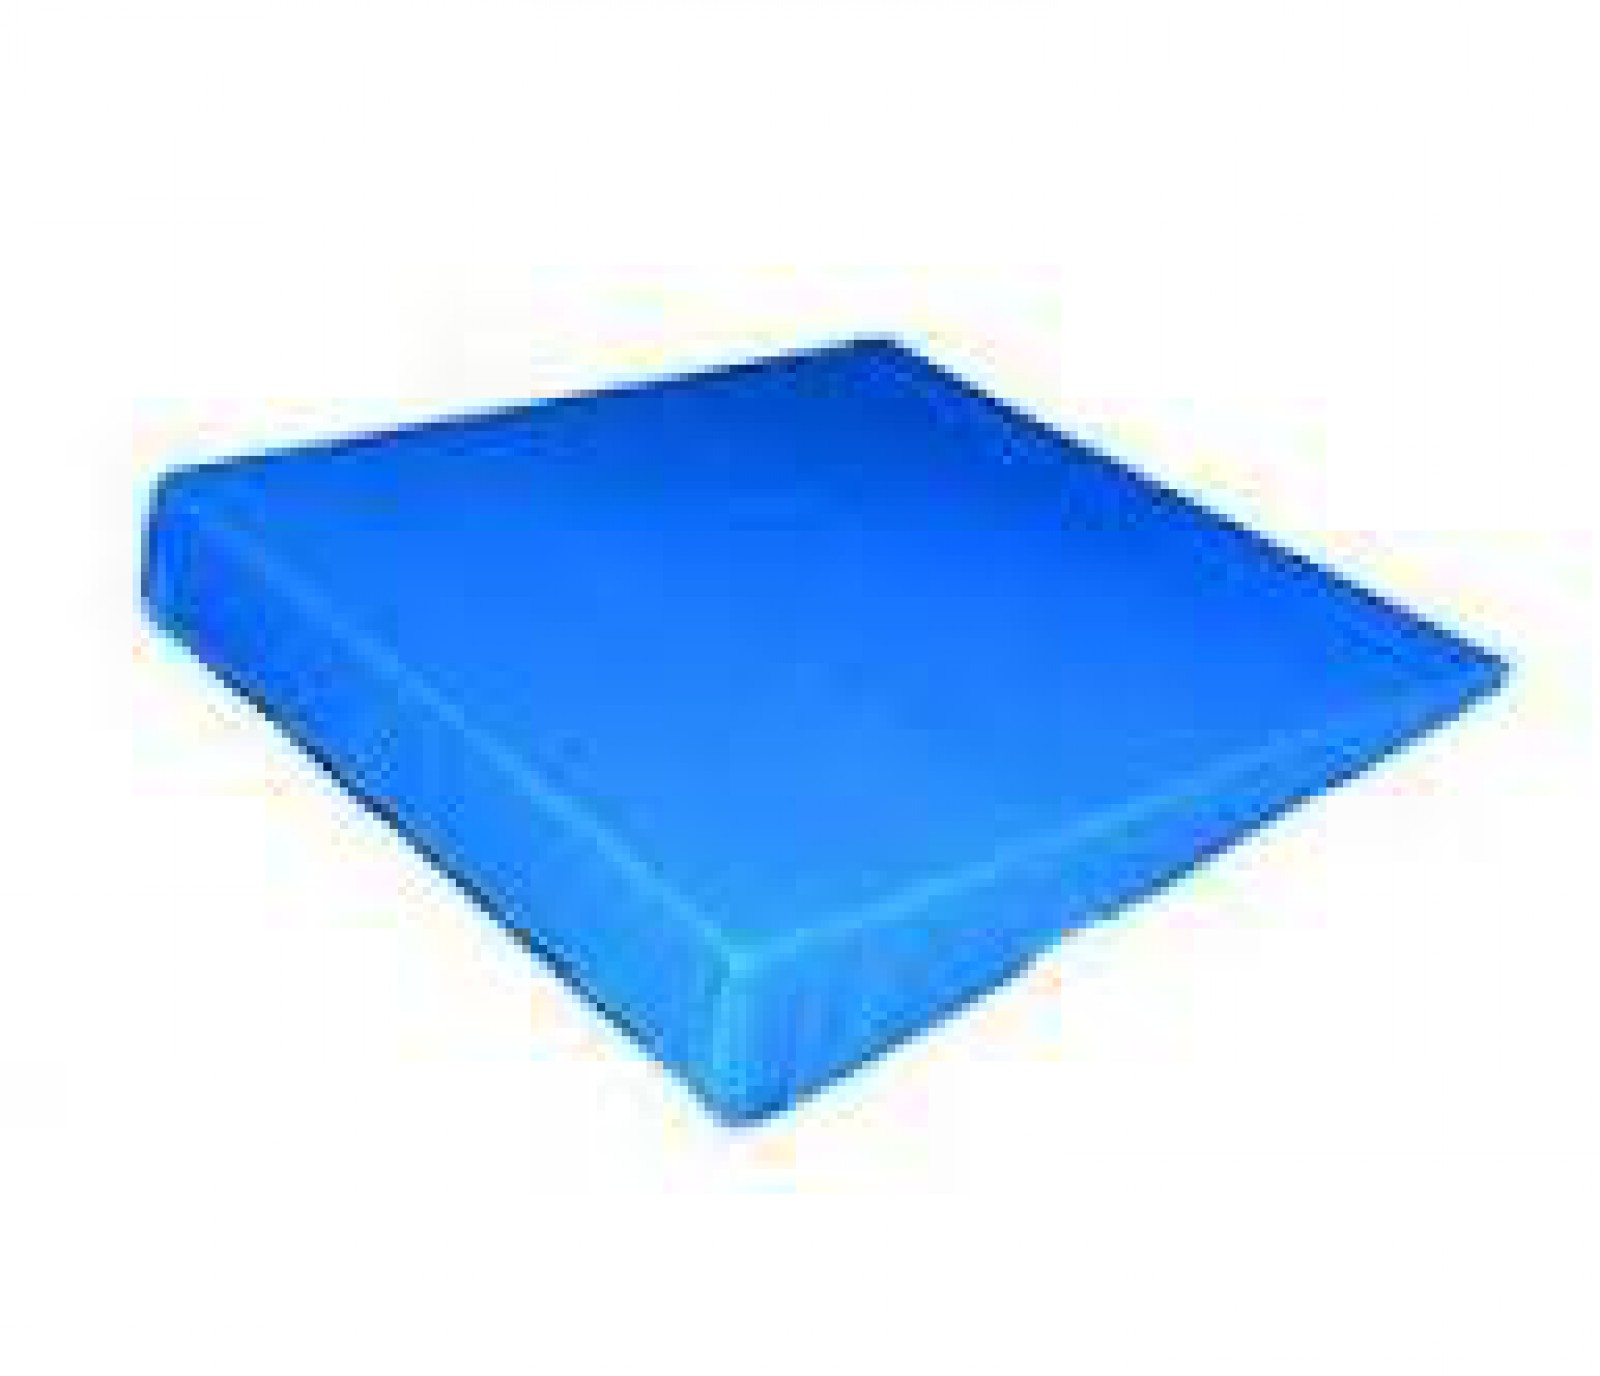 Alvital ék alakú ülőpárna - Ülőpárna Gyógyászati termékek Webáruháza 2c31d98635